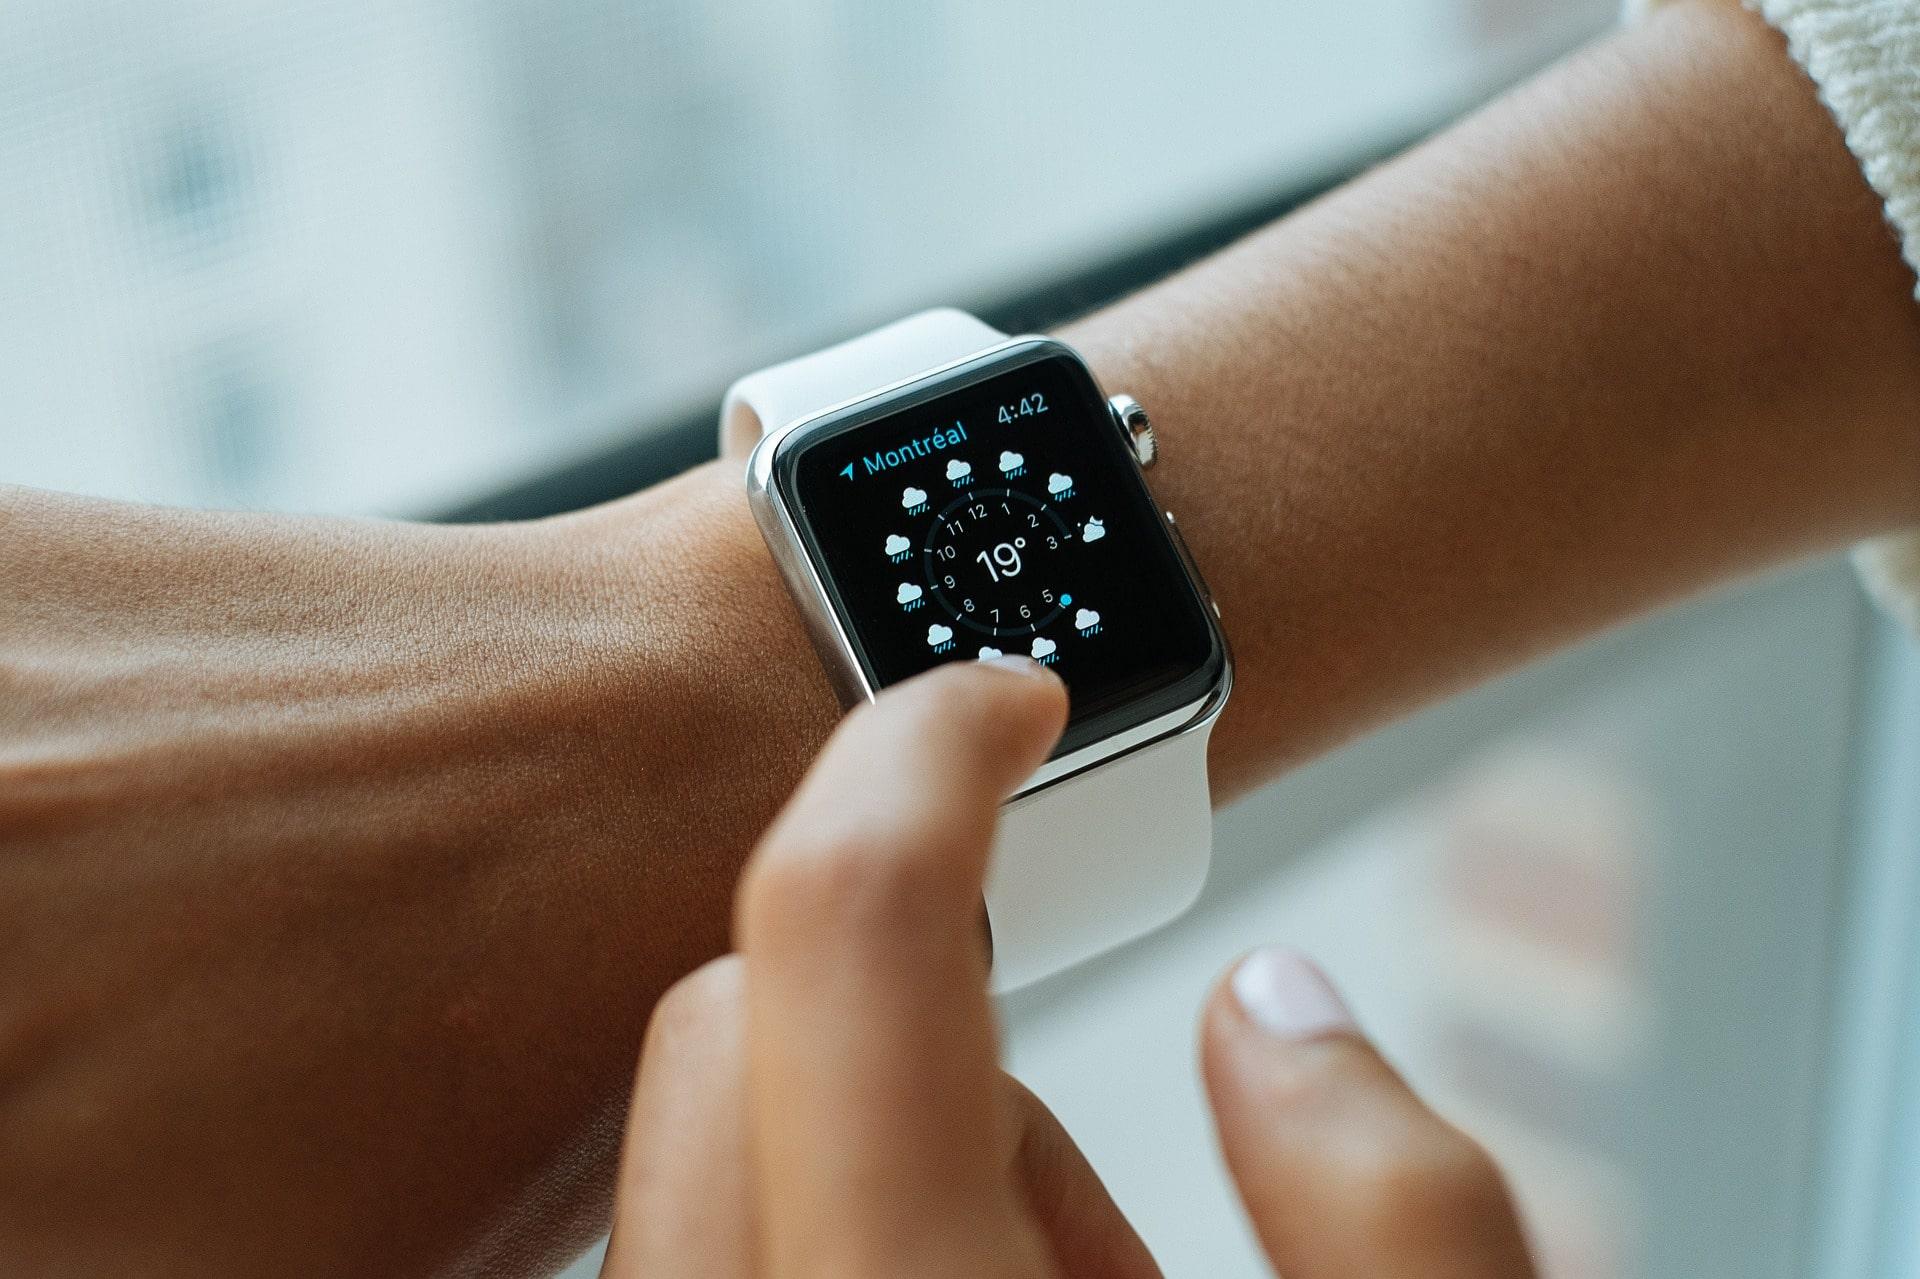 Nieuwsbericht: Tips van de AP voor privacy bij internet of things-apparaten